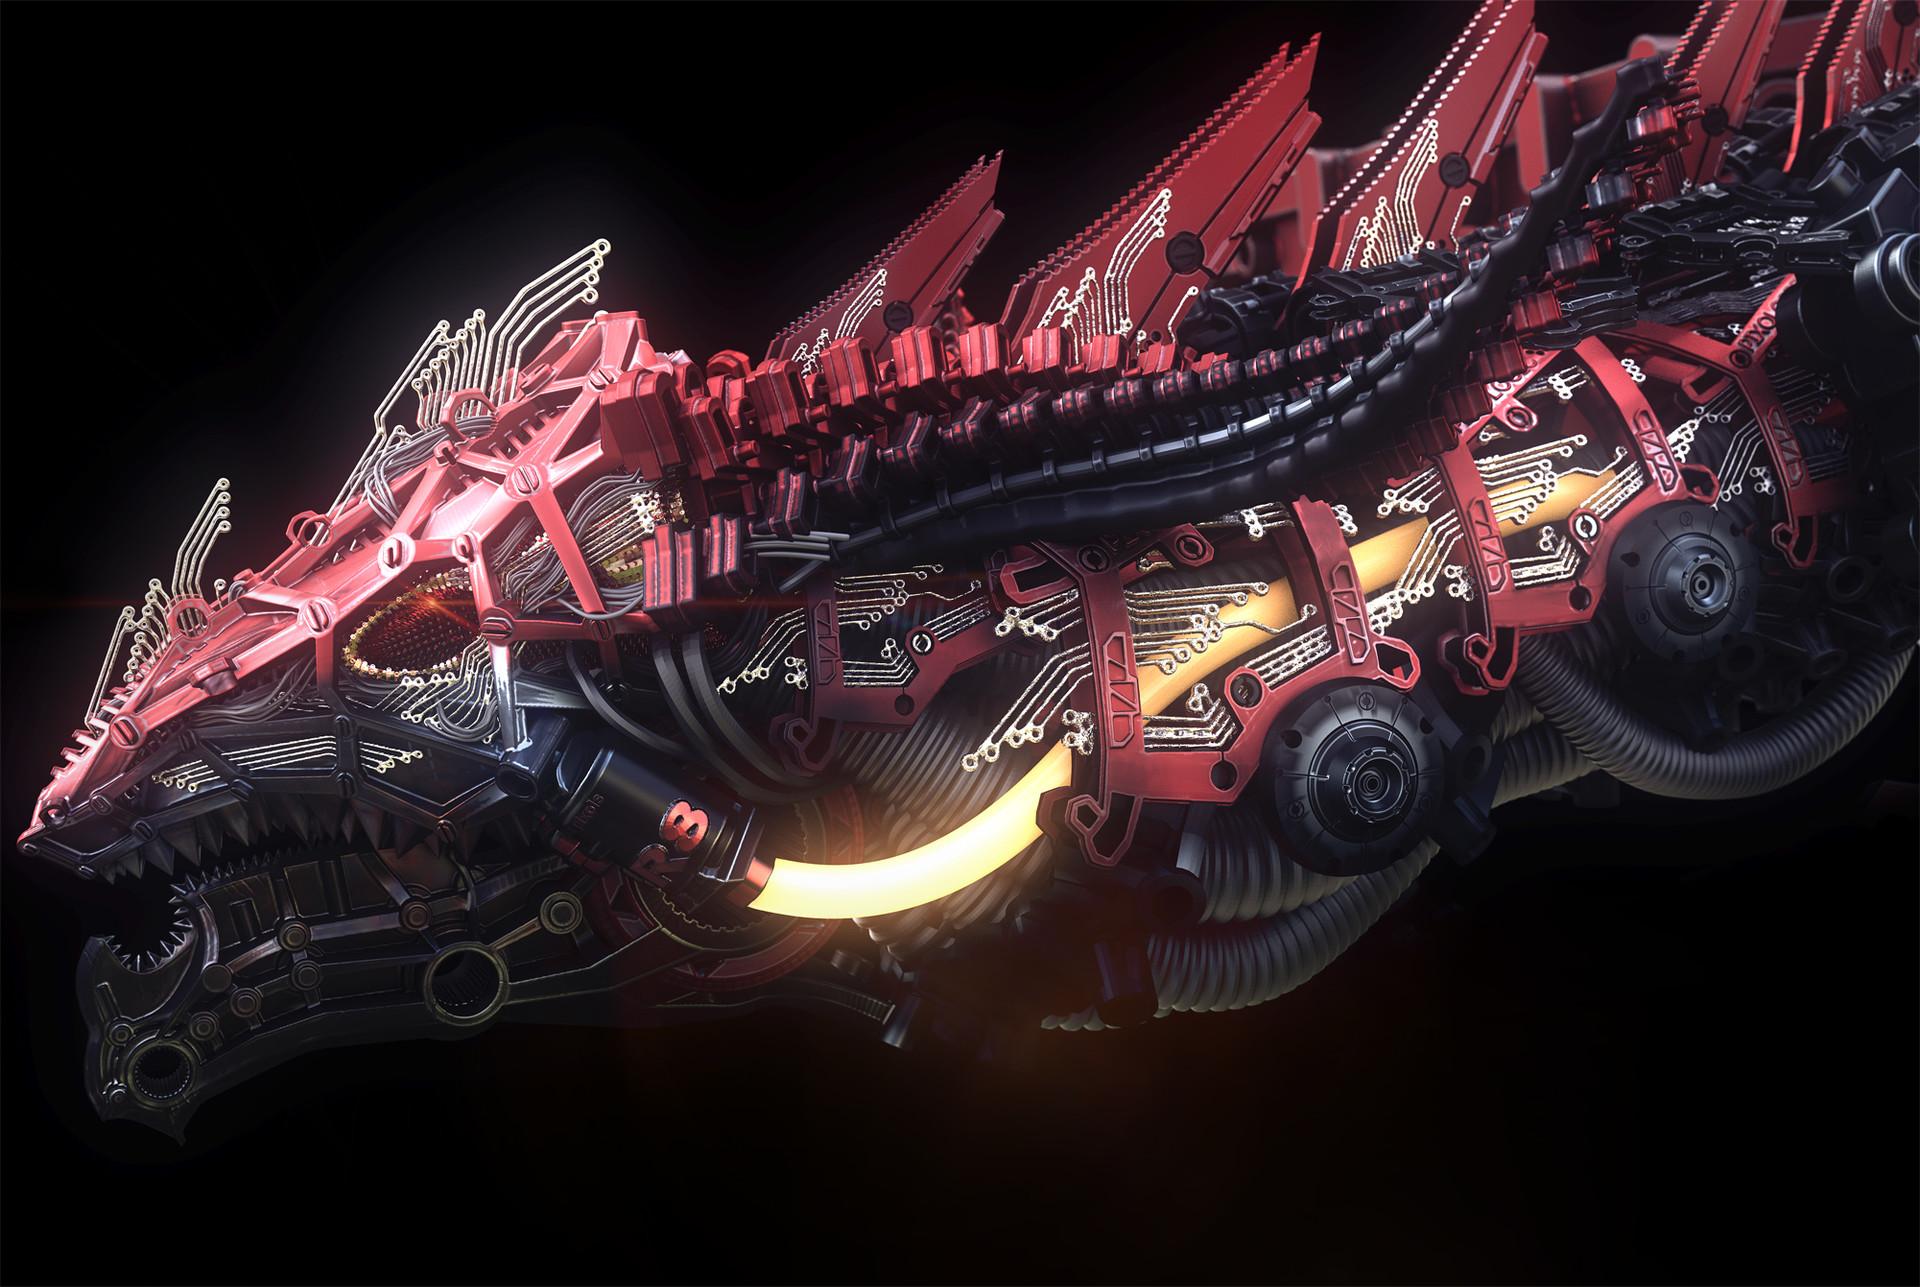 Pawel libiszewski zb dragon 02